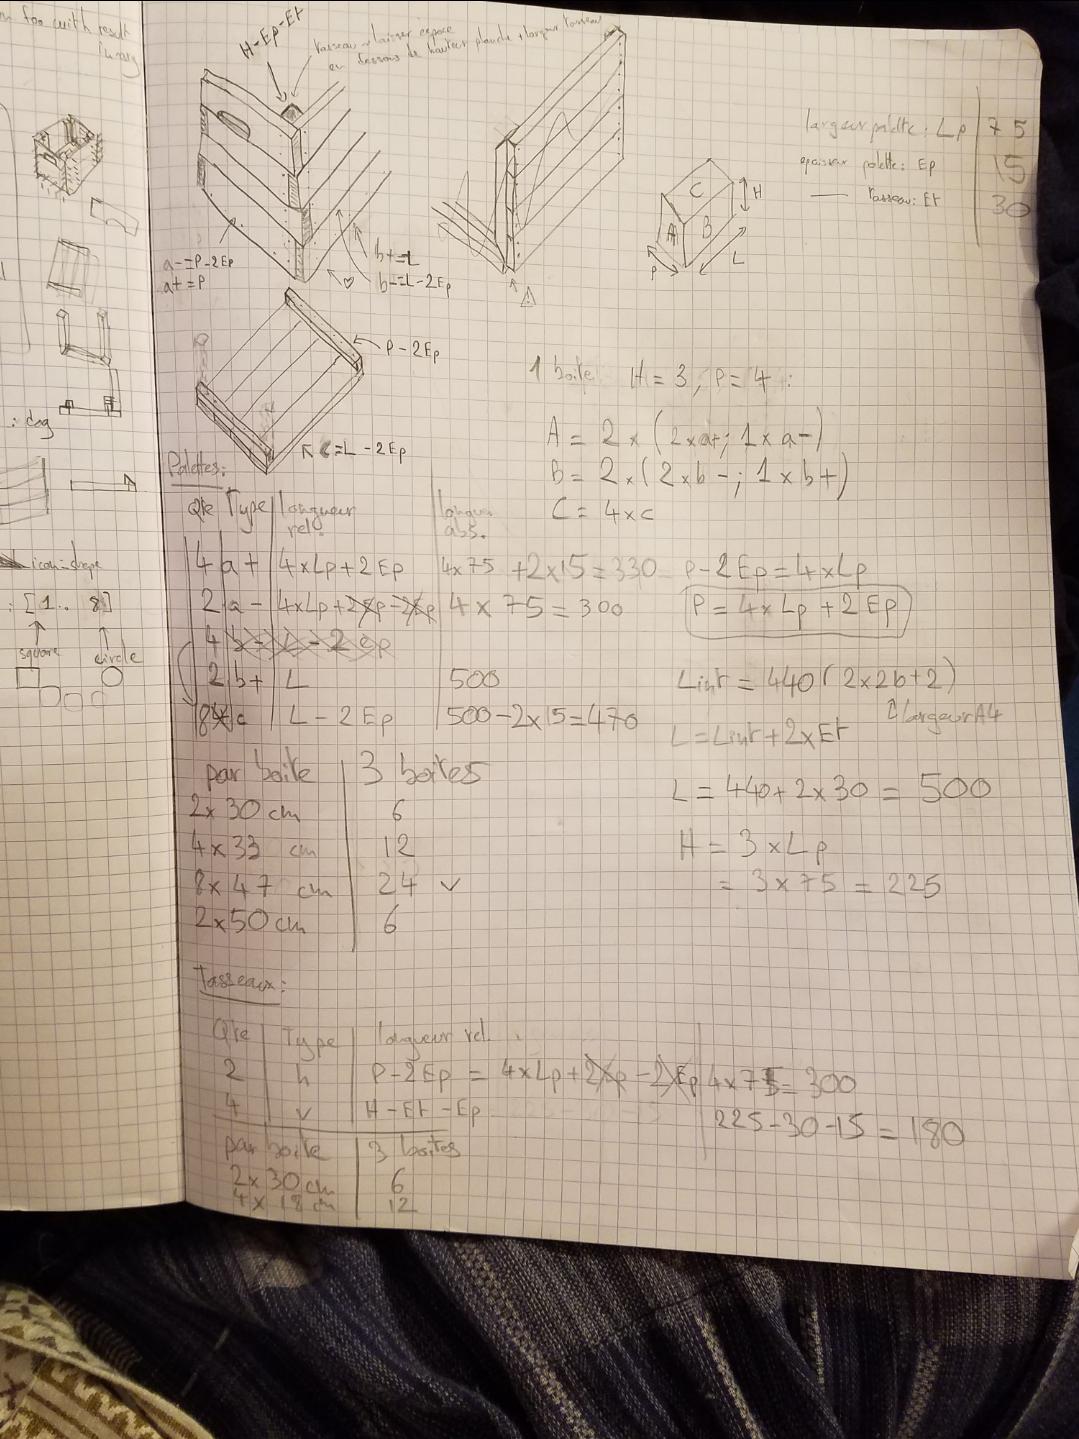 Un schéma de la caisse